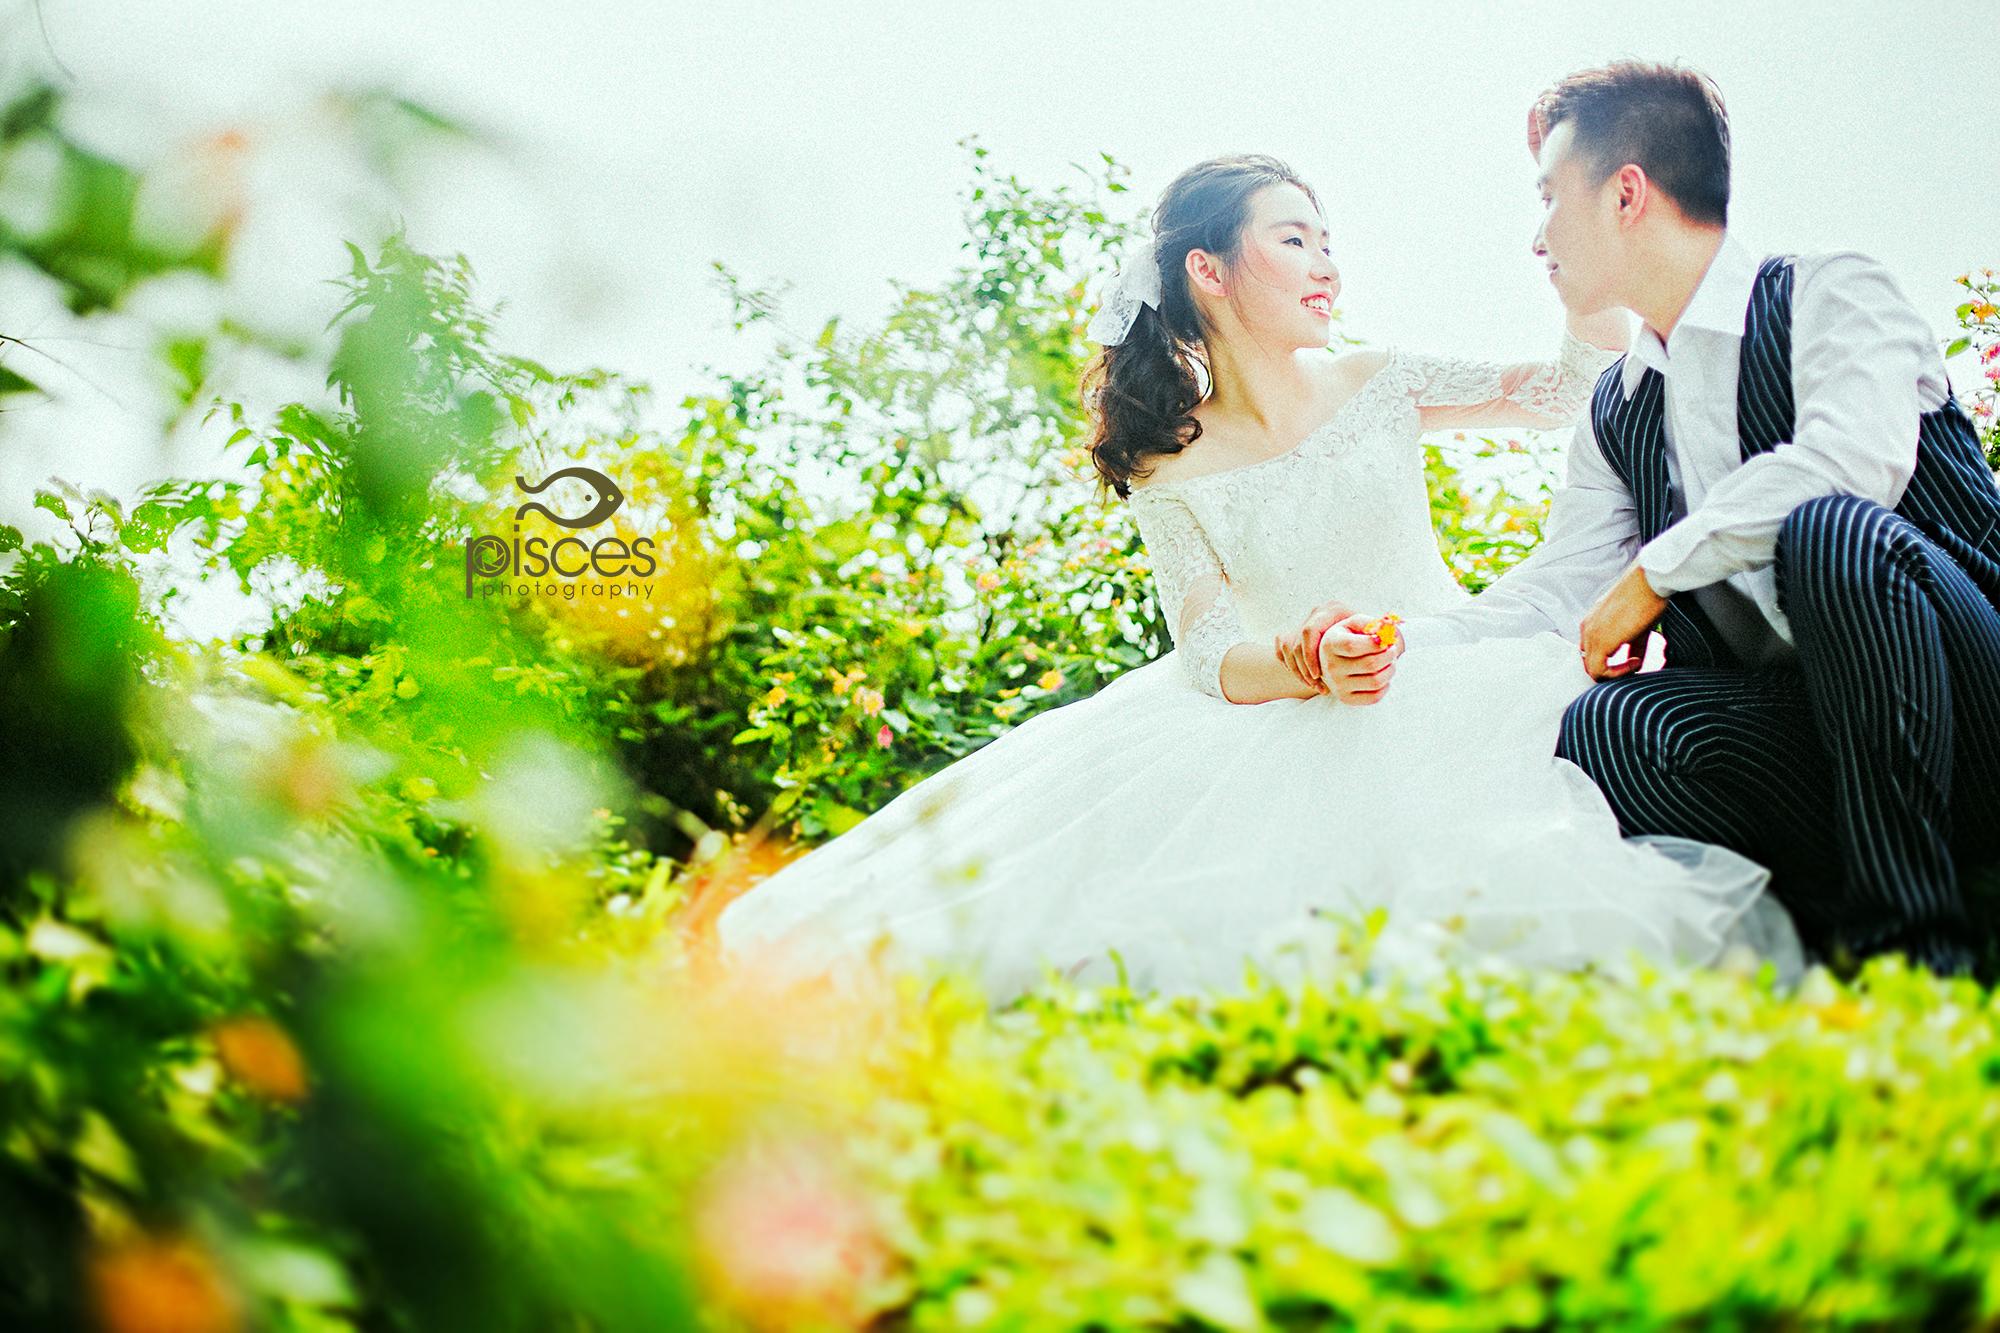 壁纸 成片种植 风景 婚纱 婚纱照 植物 种植基地 桌面 2000_1333